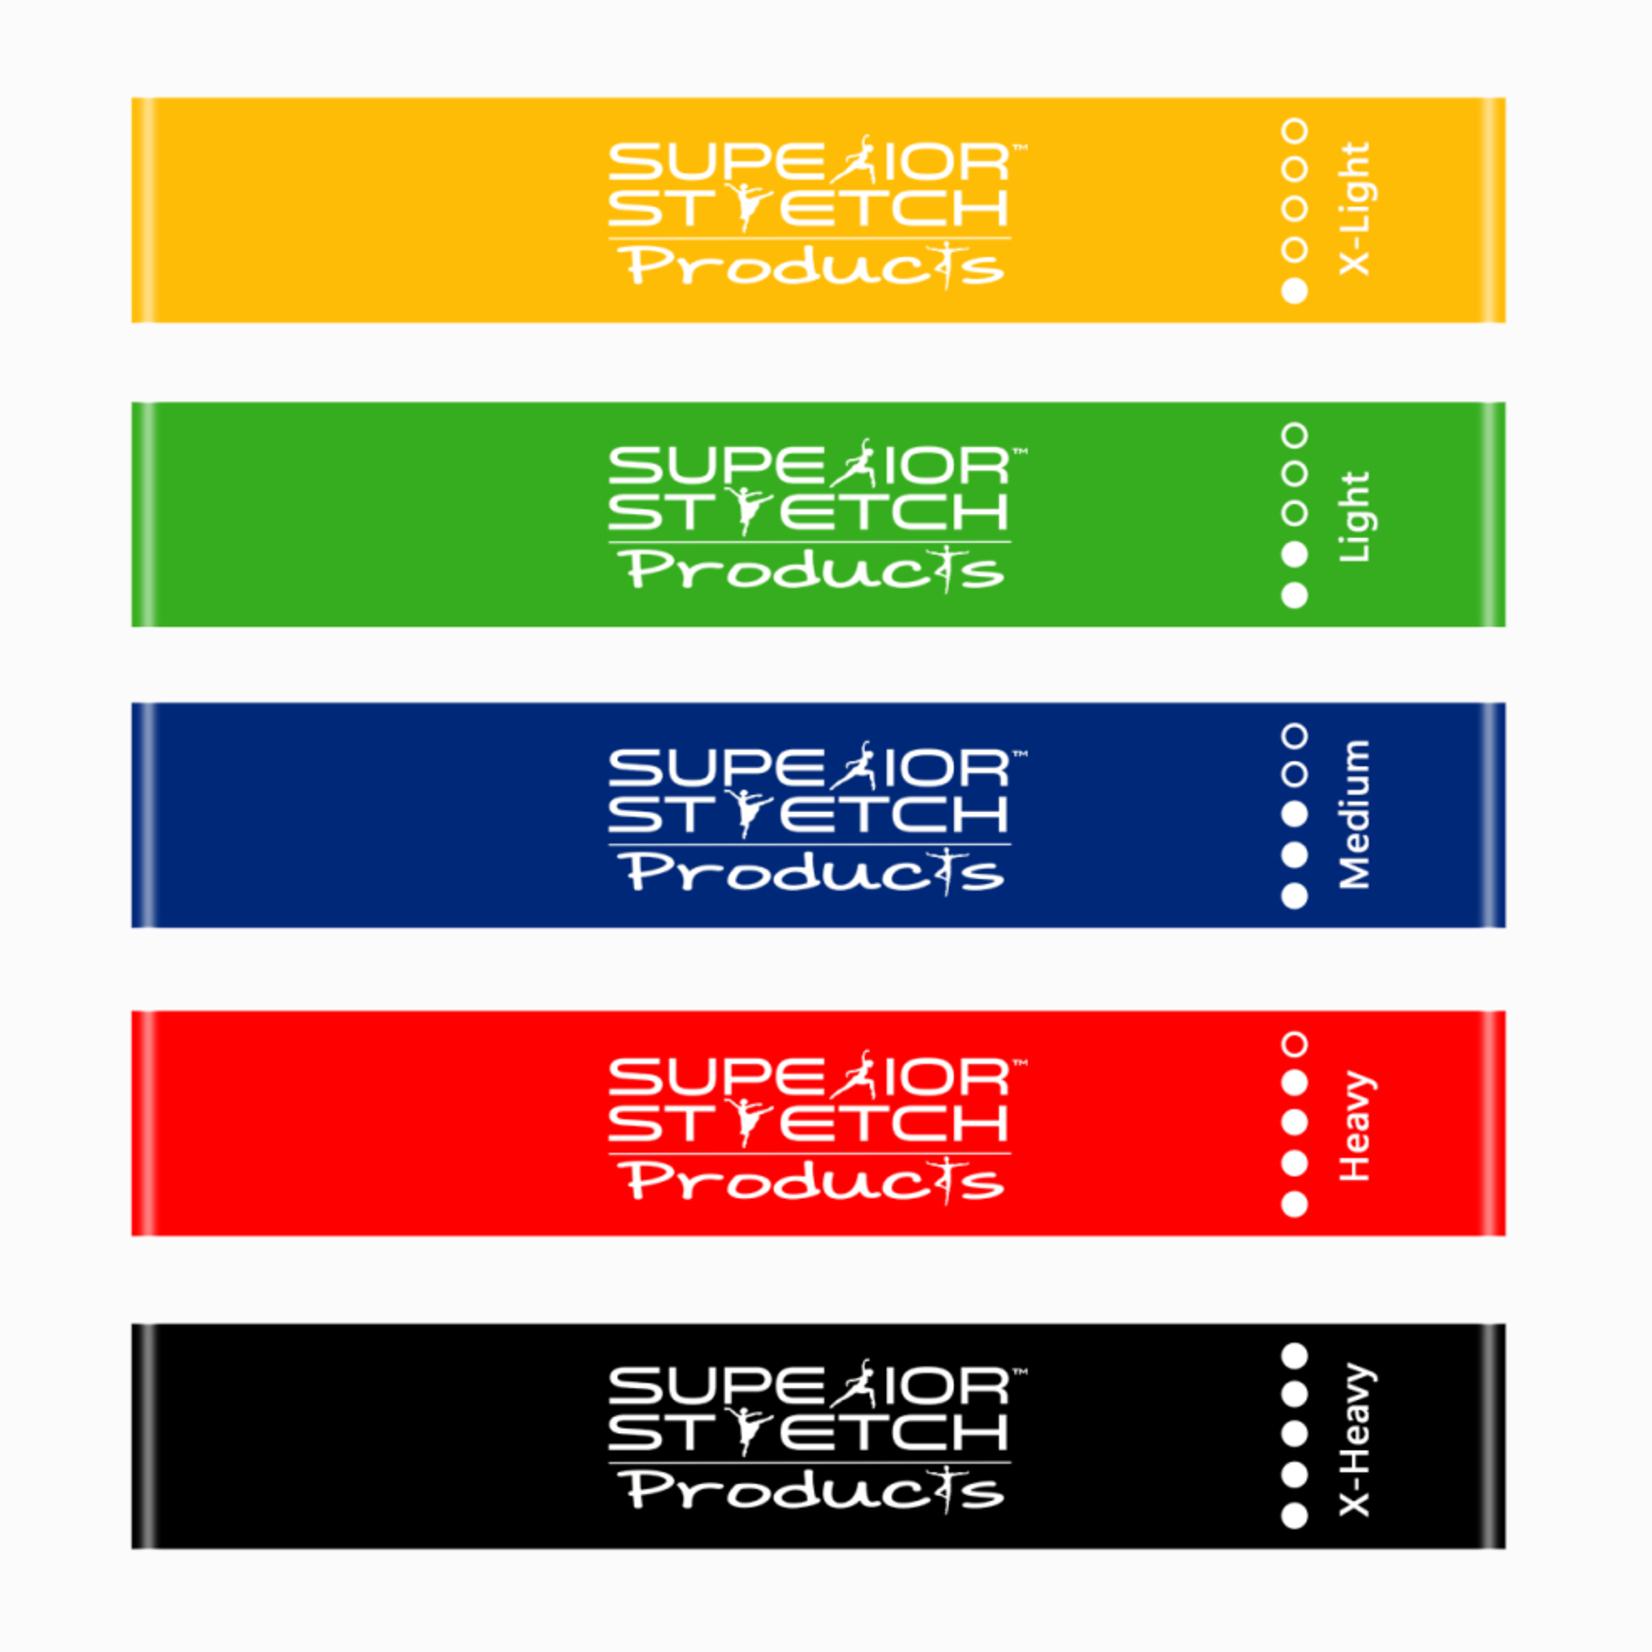 Superior Stretch Leg Bands - Set of 5 Short Resistance Loop Bands